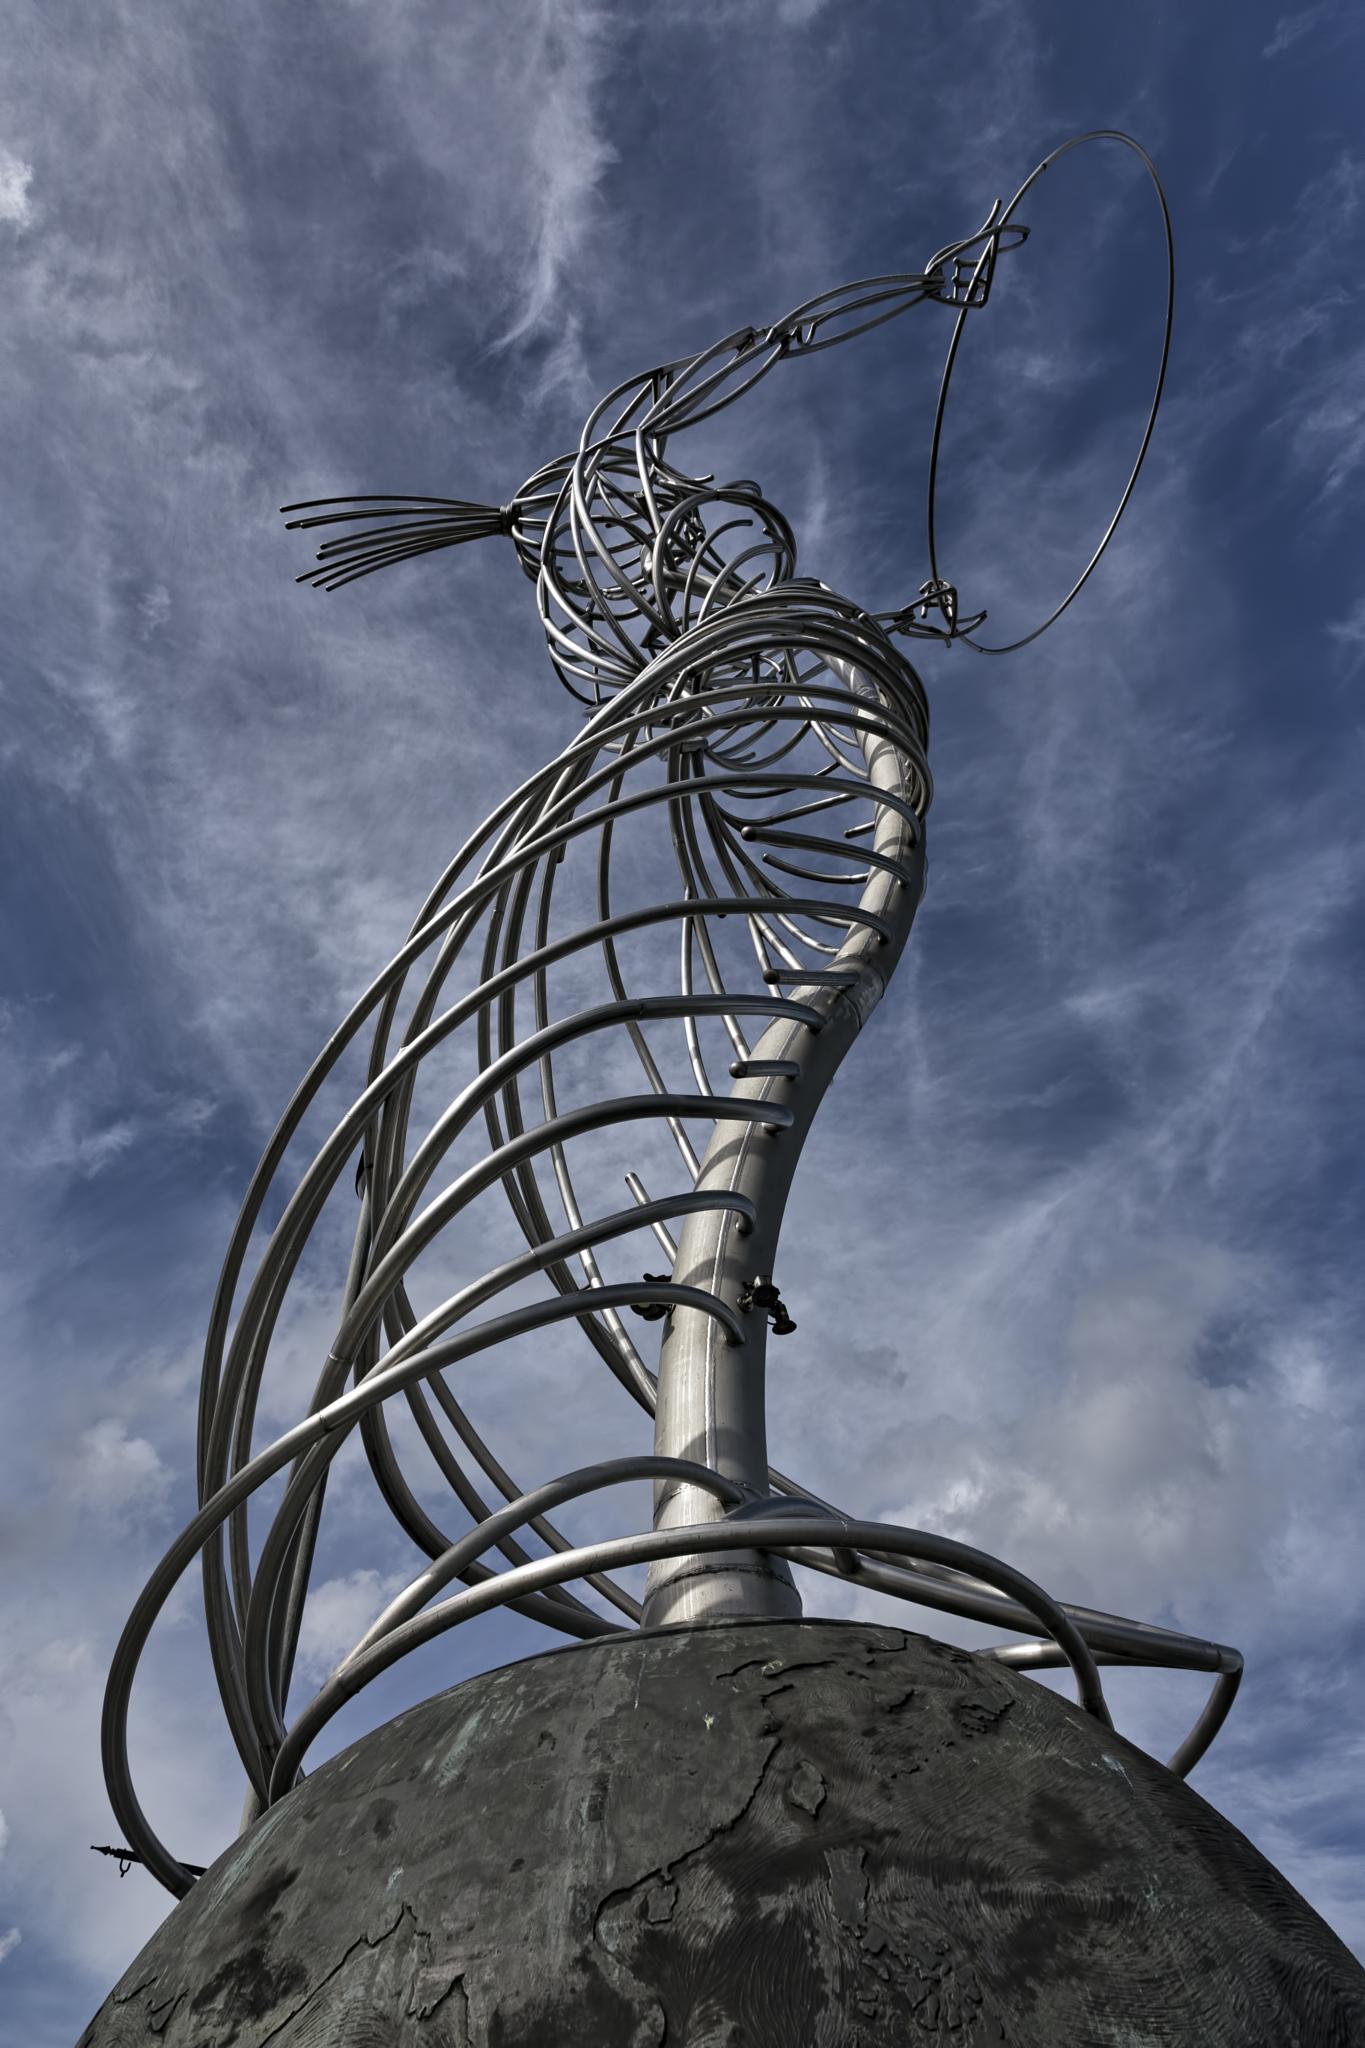 Hula-hoop girl 2. by Peter Ellison